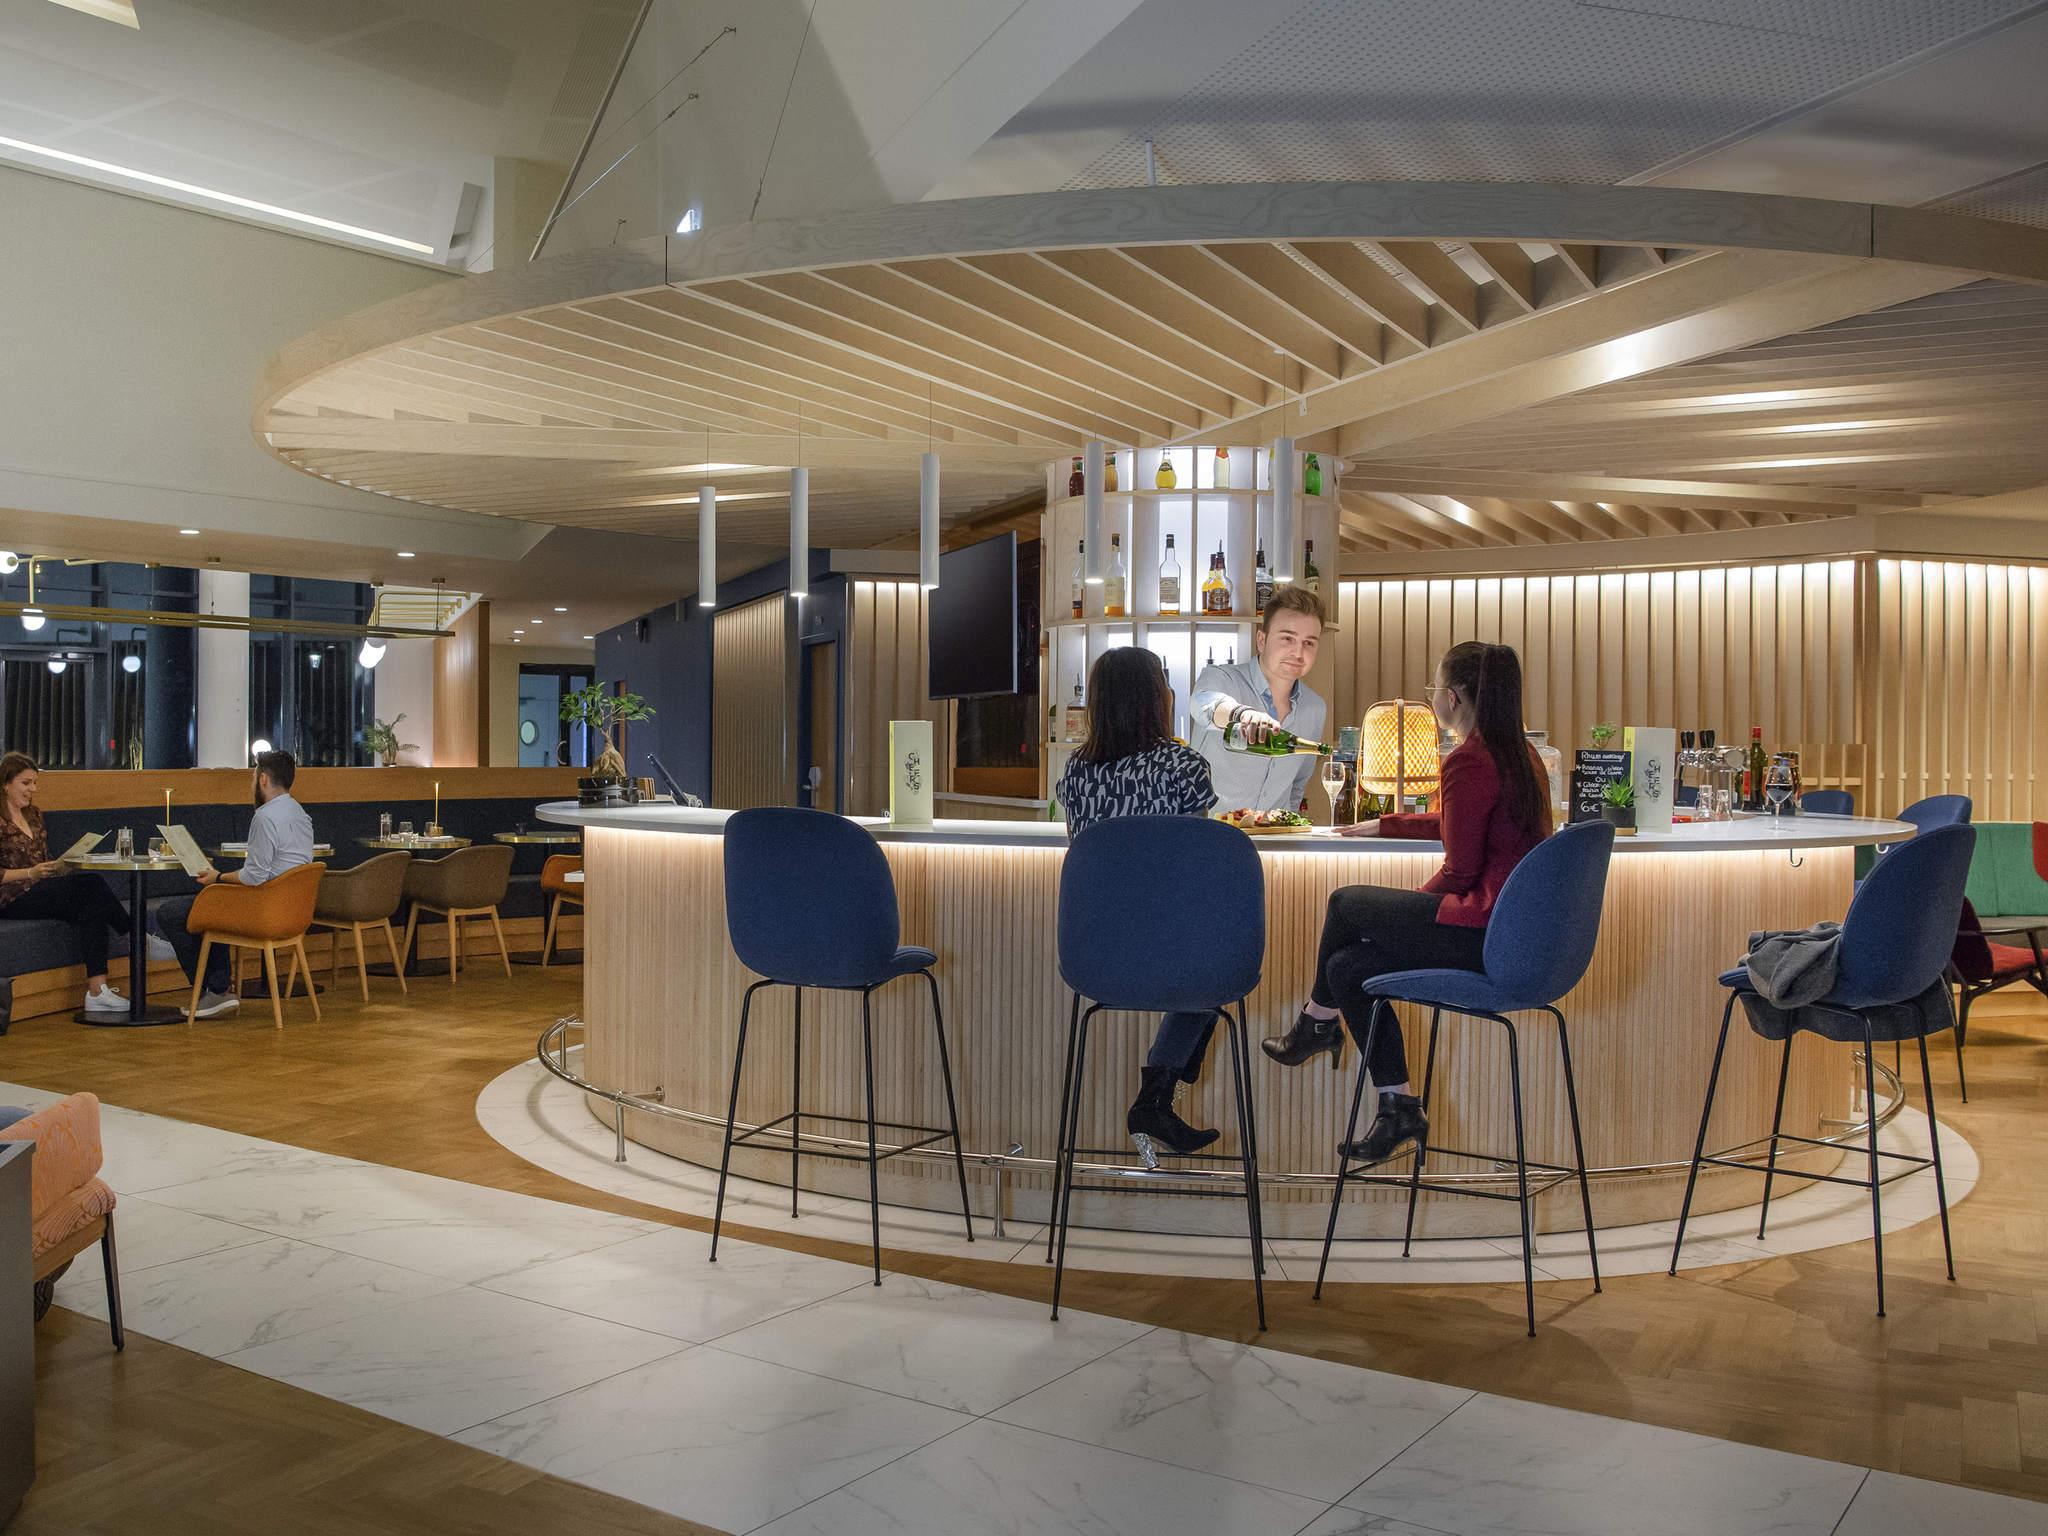 Hotel – Novotel Le Havre Centre Gare